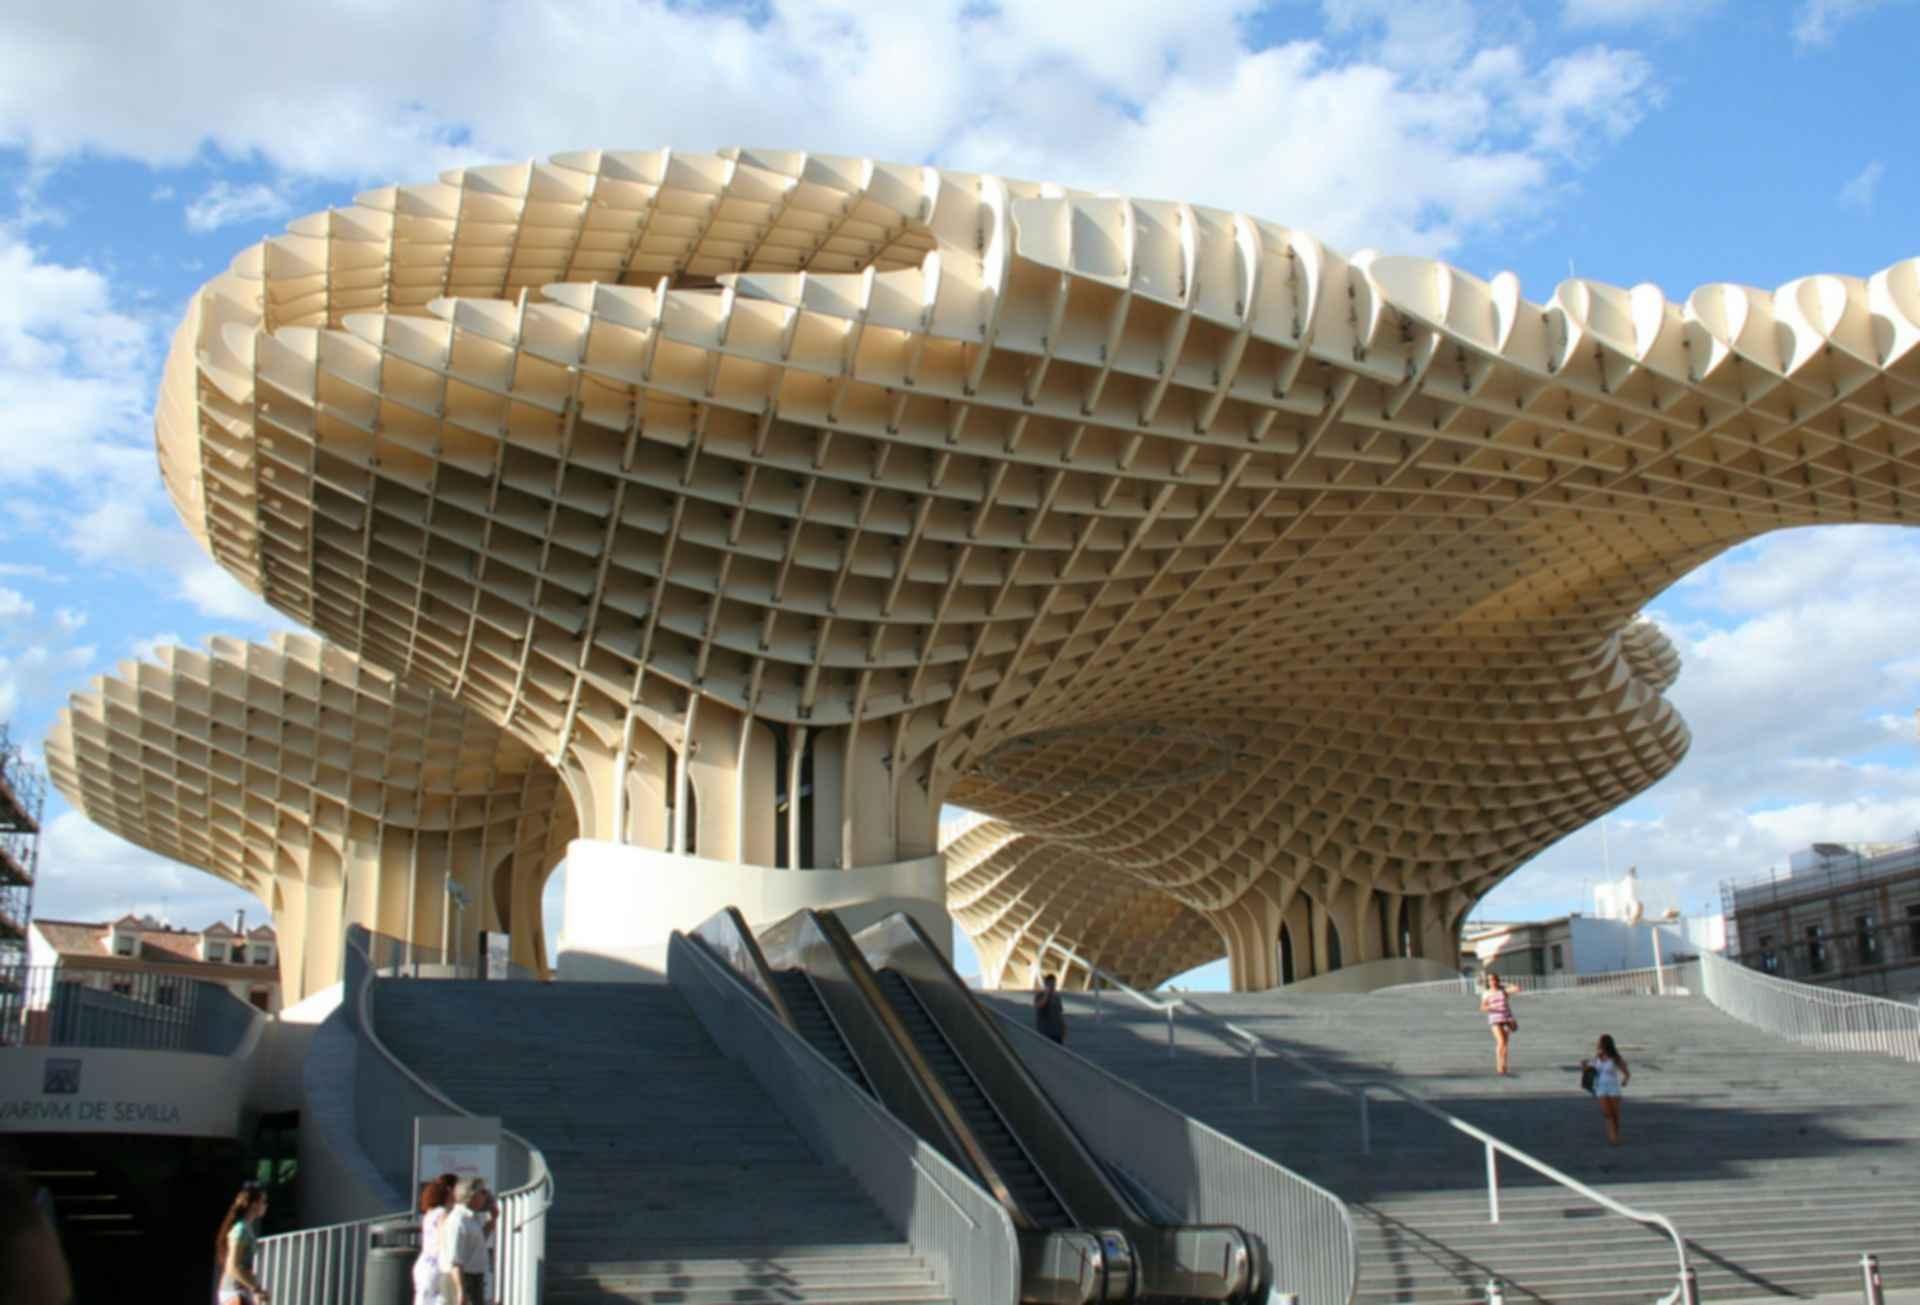 Metropol Parasol - Structure